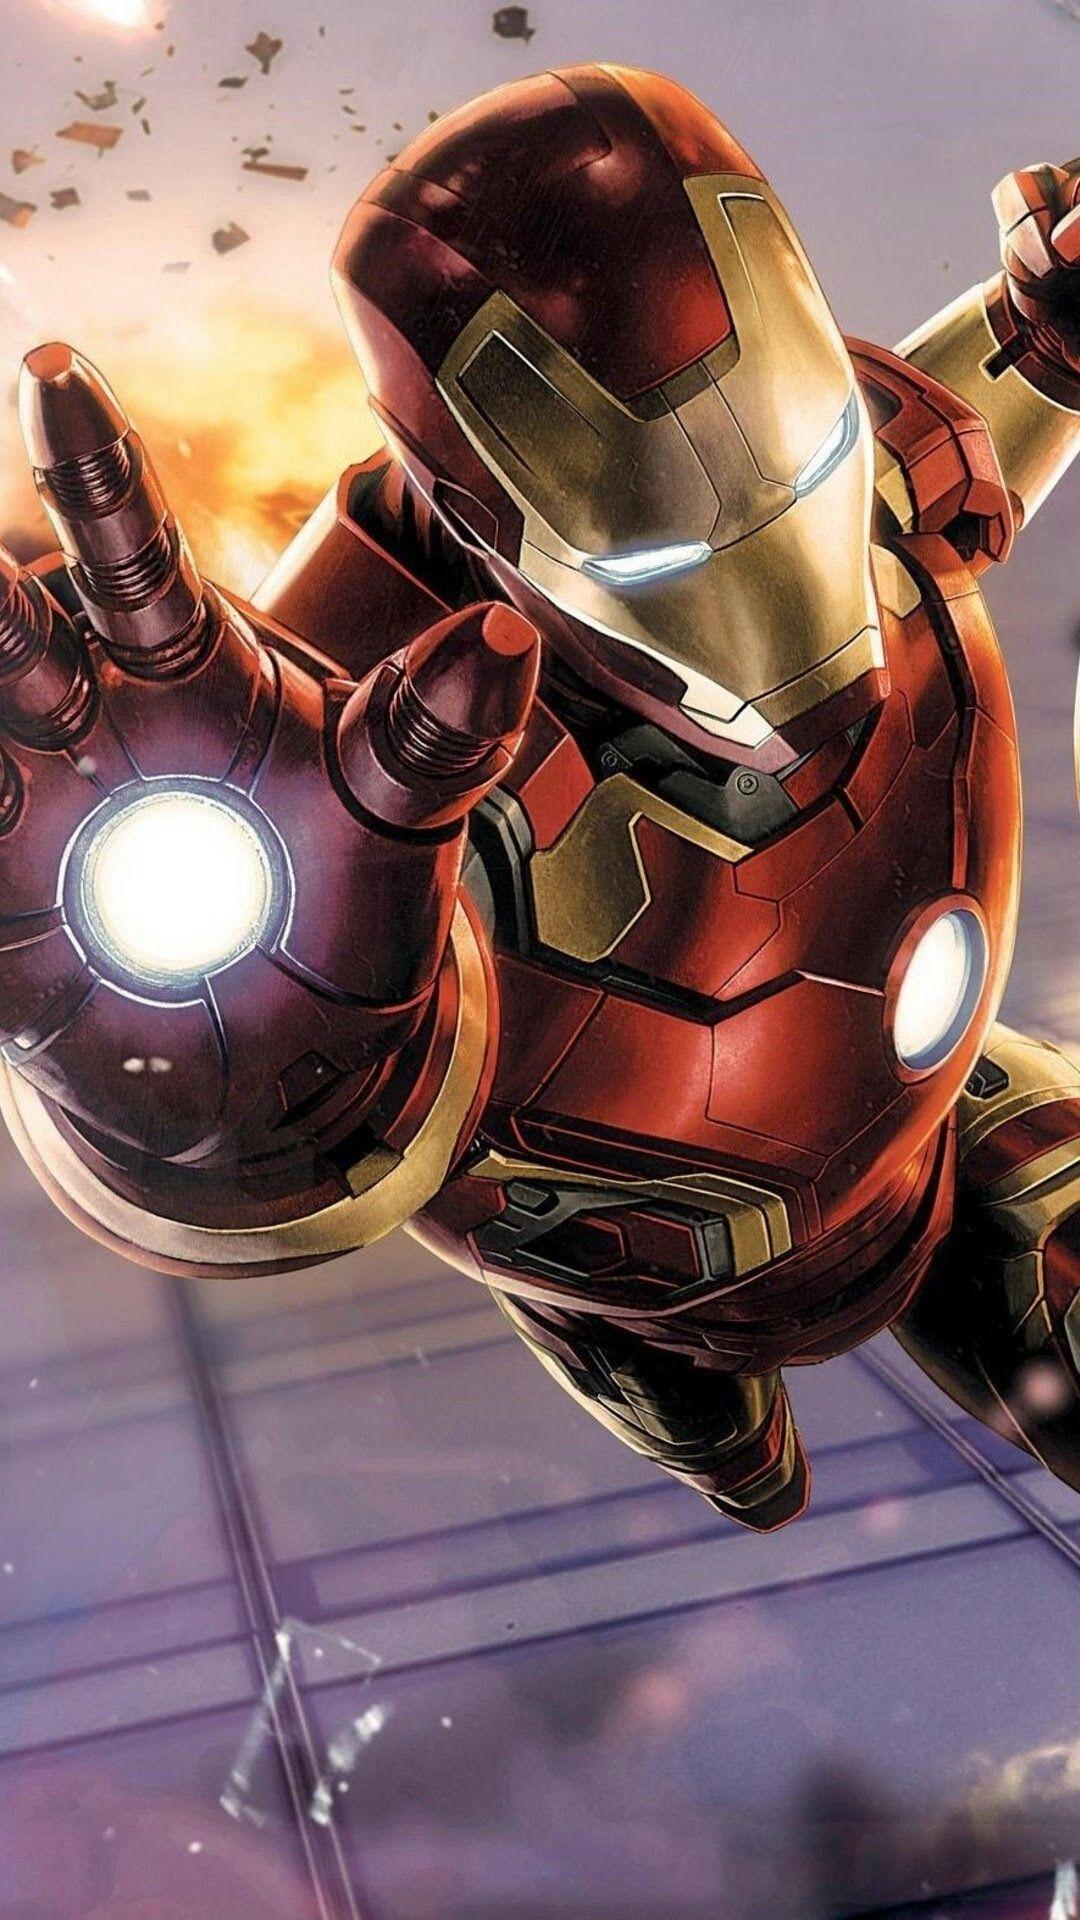 Iron Man D color wallpaper